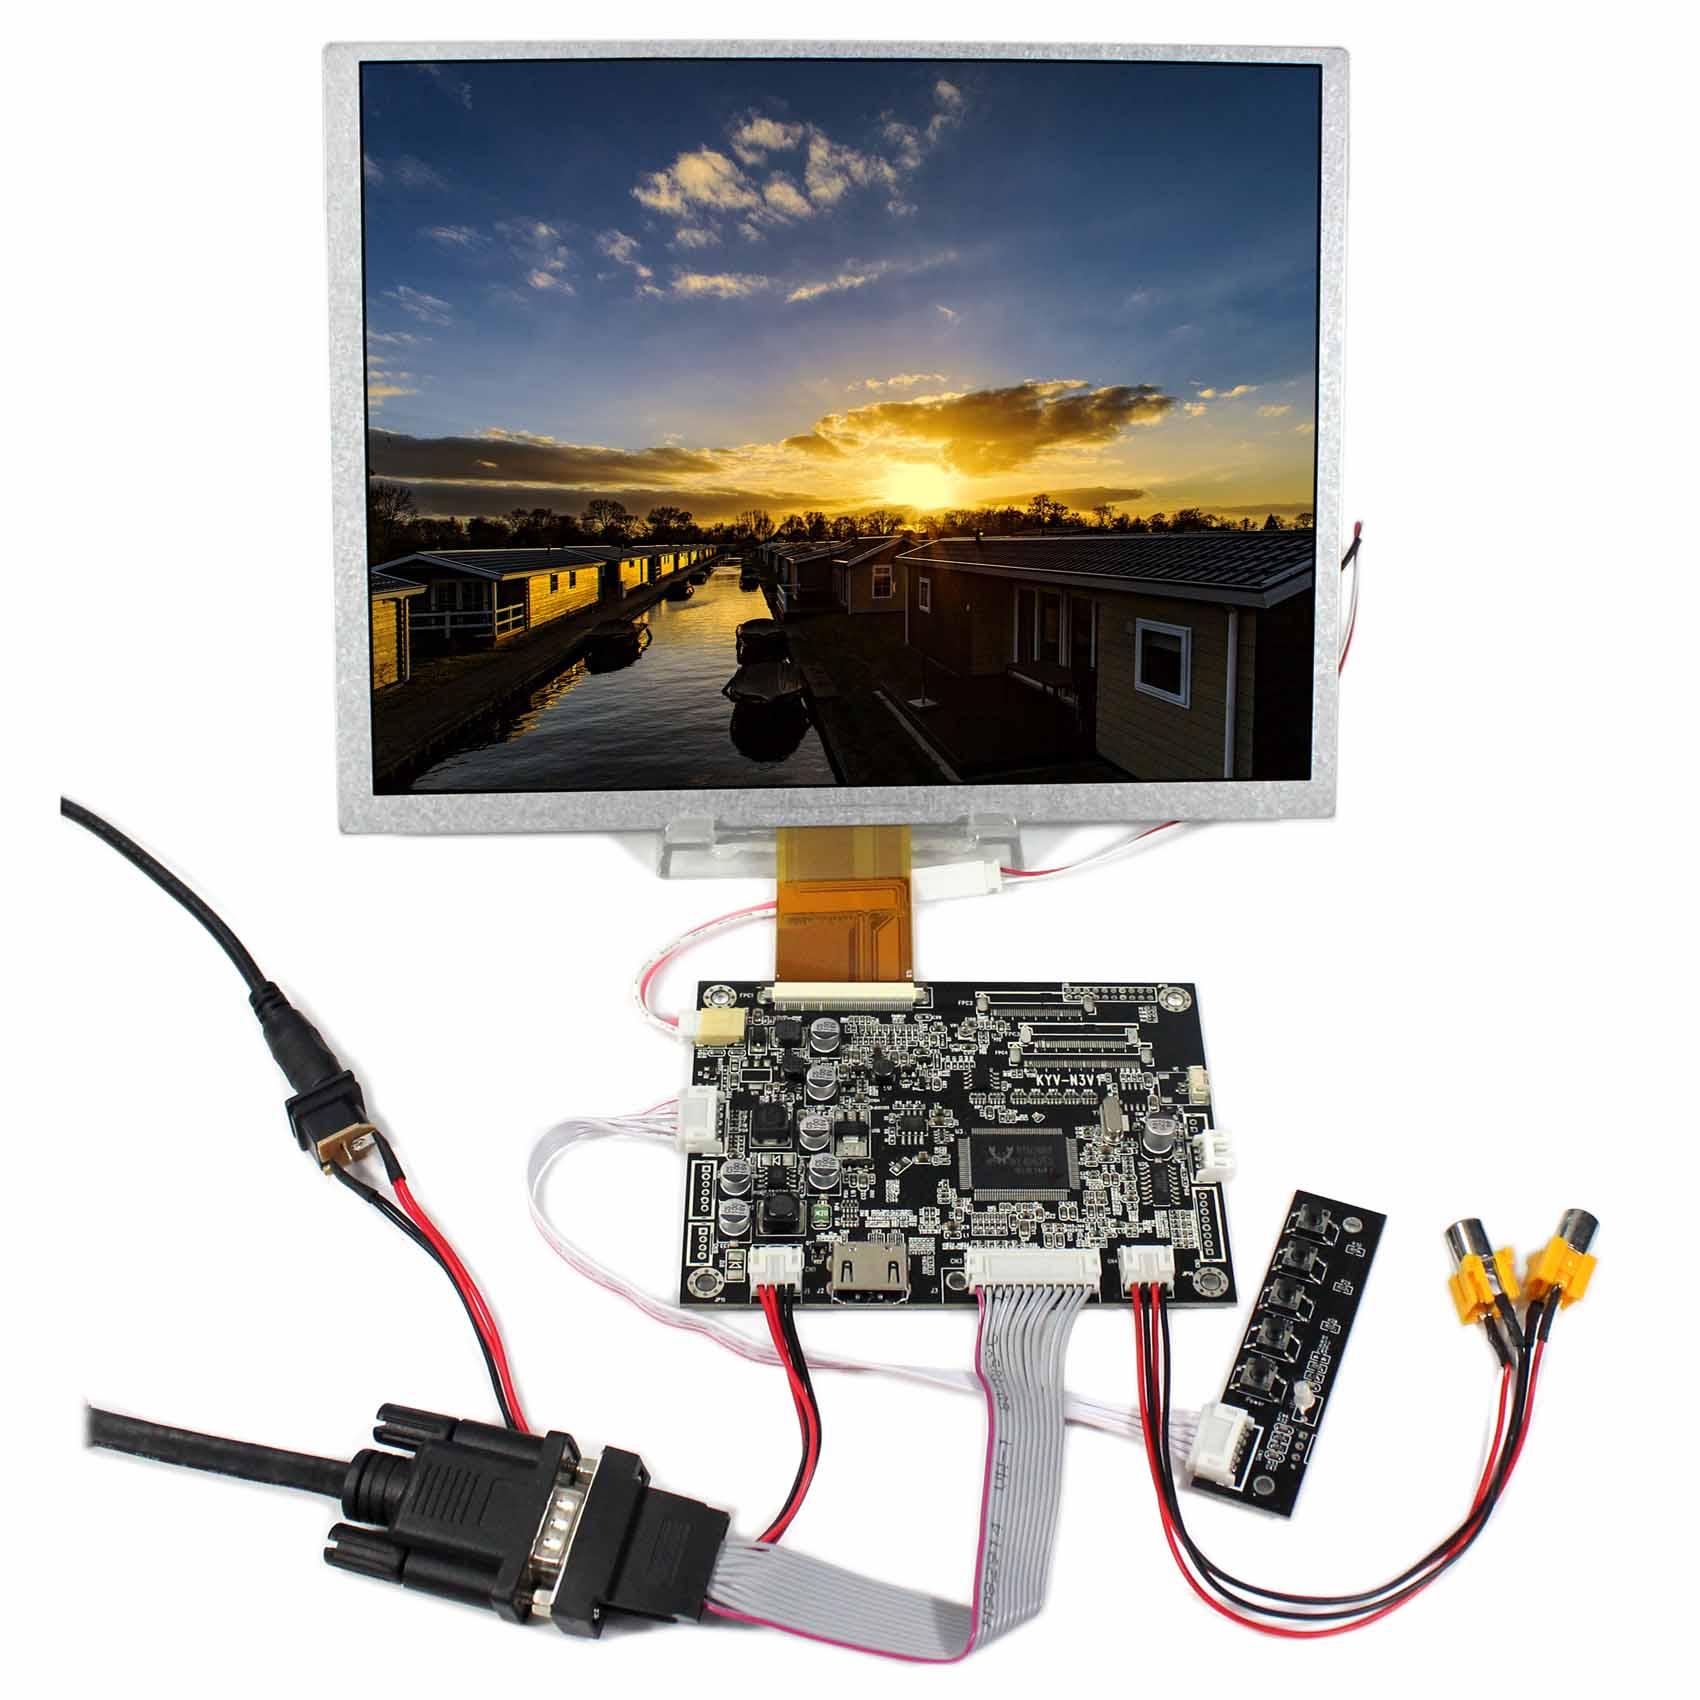 10.4inch LCD Screen  LSA40AT9001 800x600 With HDMI VGA AV  LCD Controller Board10.4inch LCD Screen  LSA40AT9001 800x600 With HDMI VGA AV  LCD Controller Board